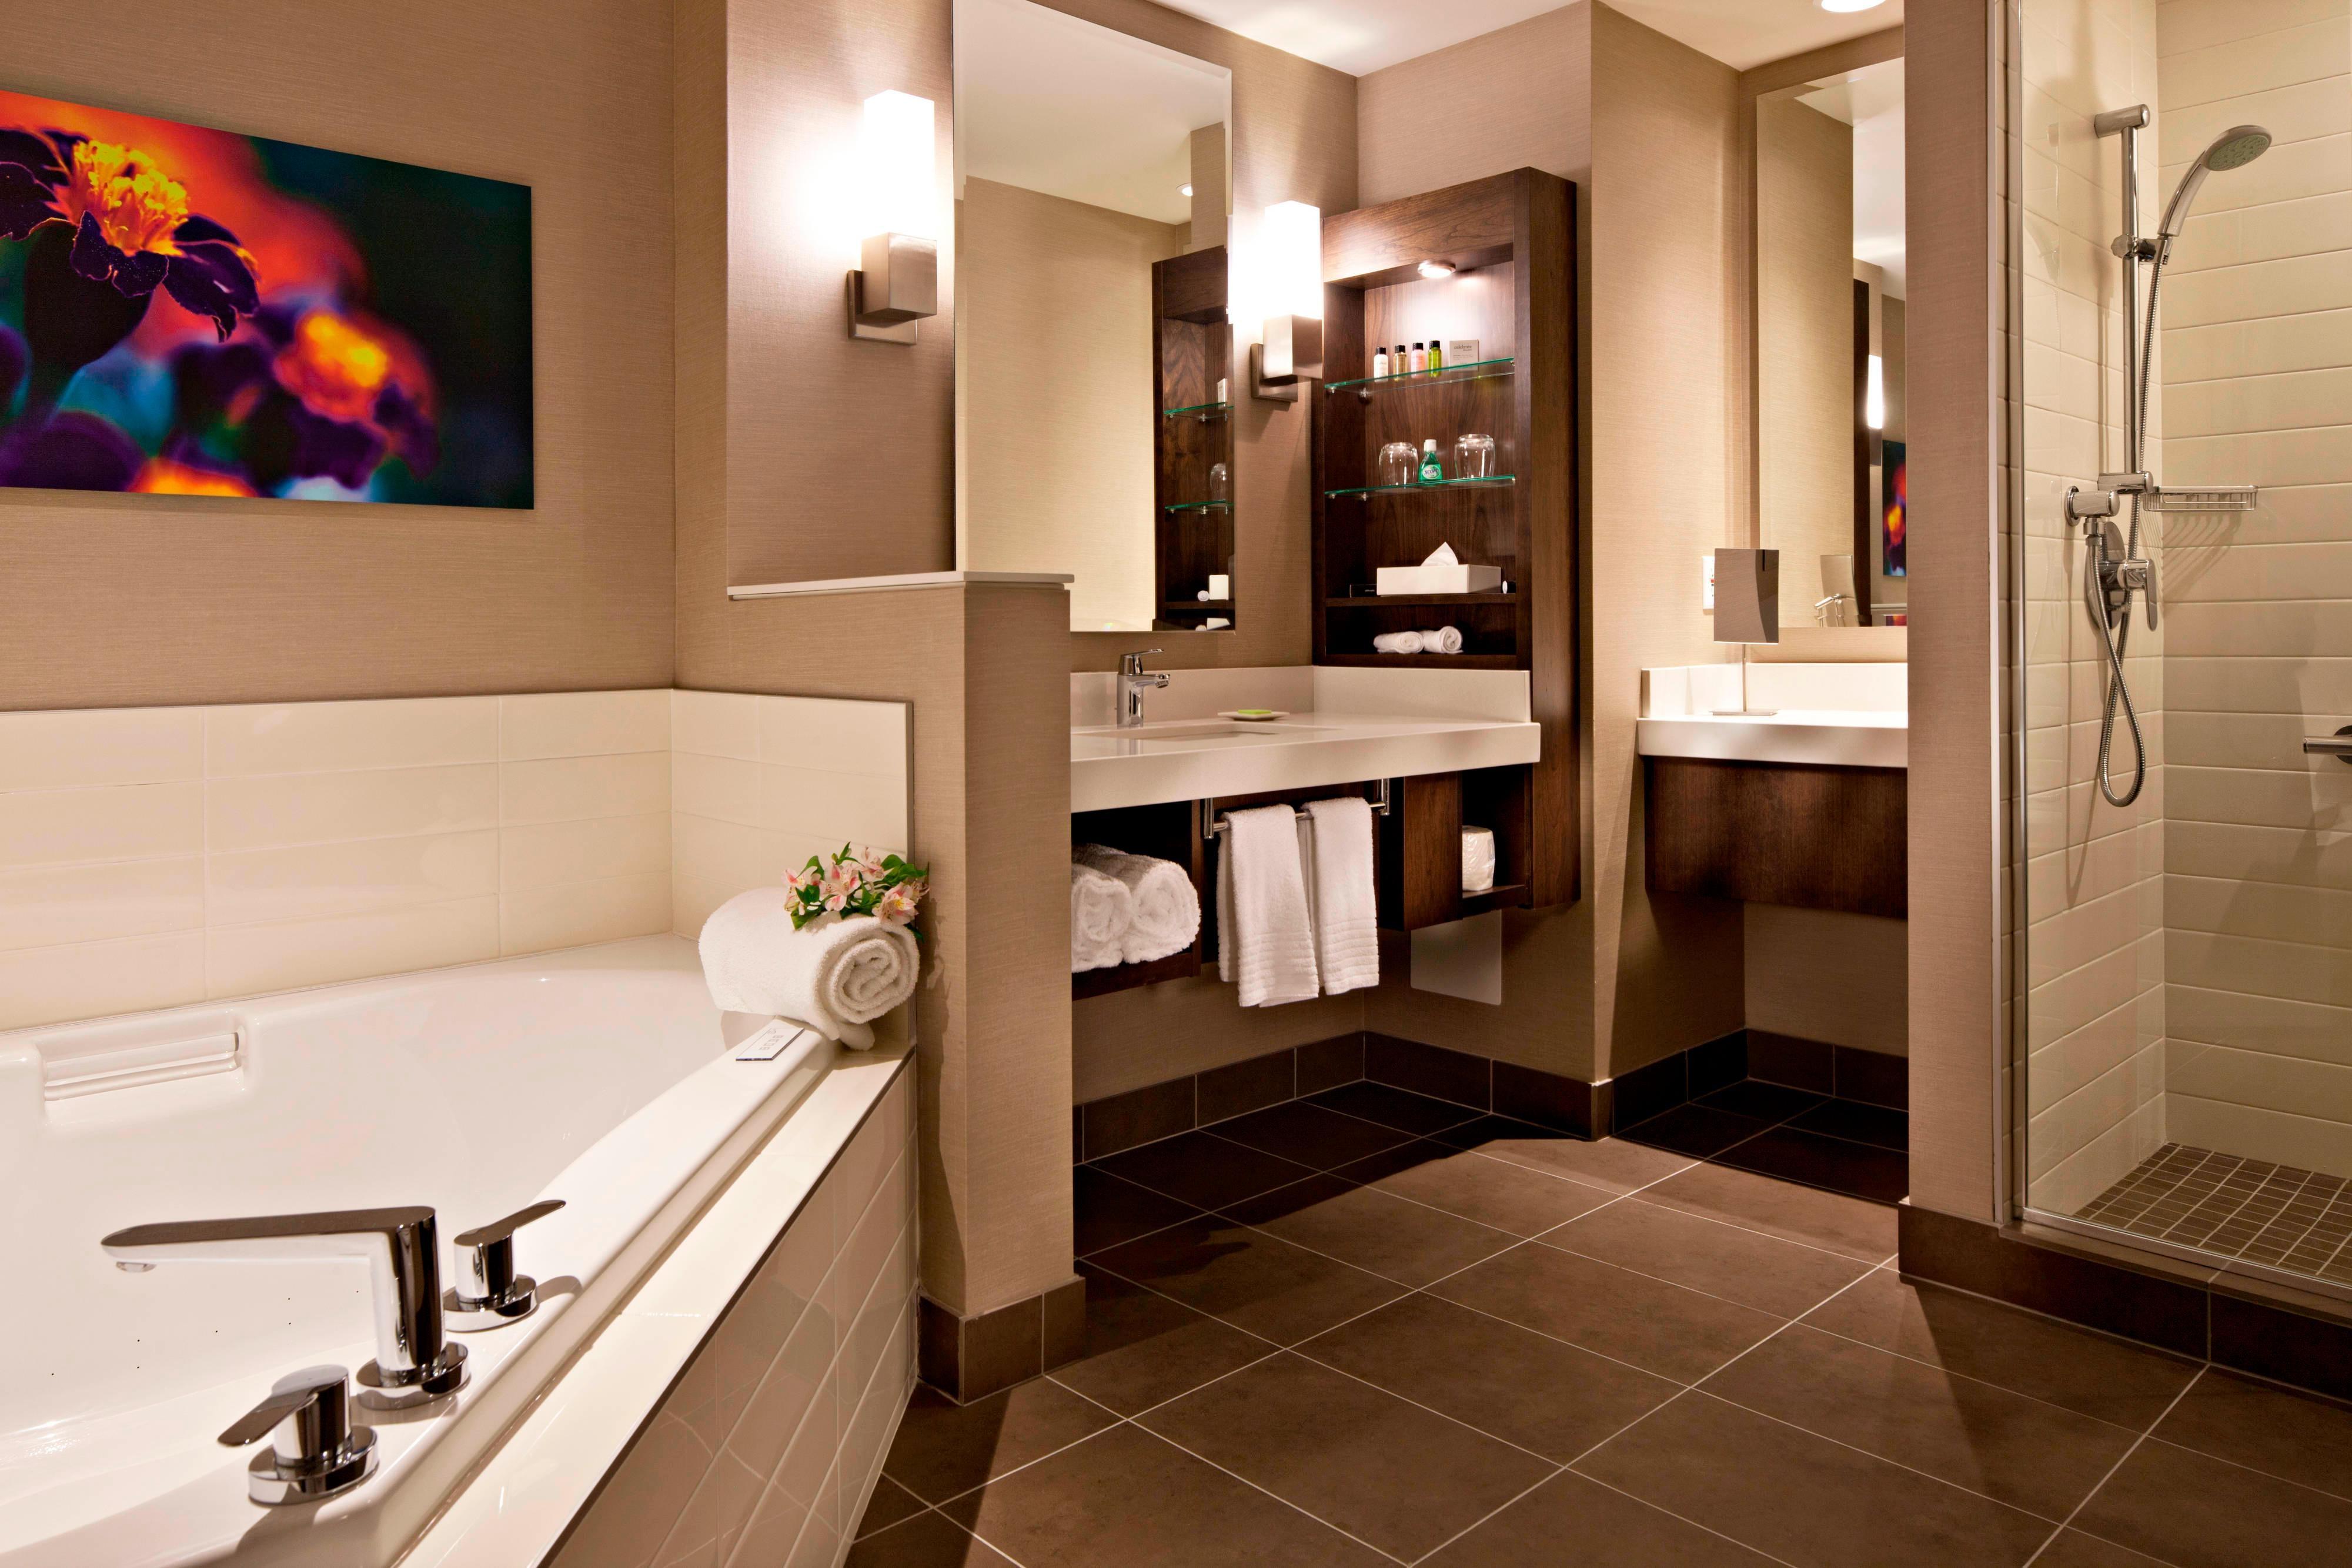 Baño de la habitación de lujo